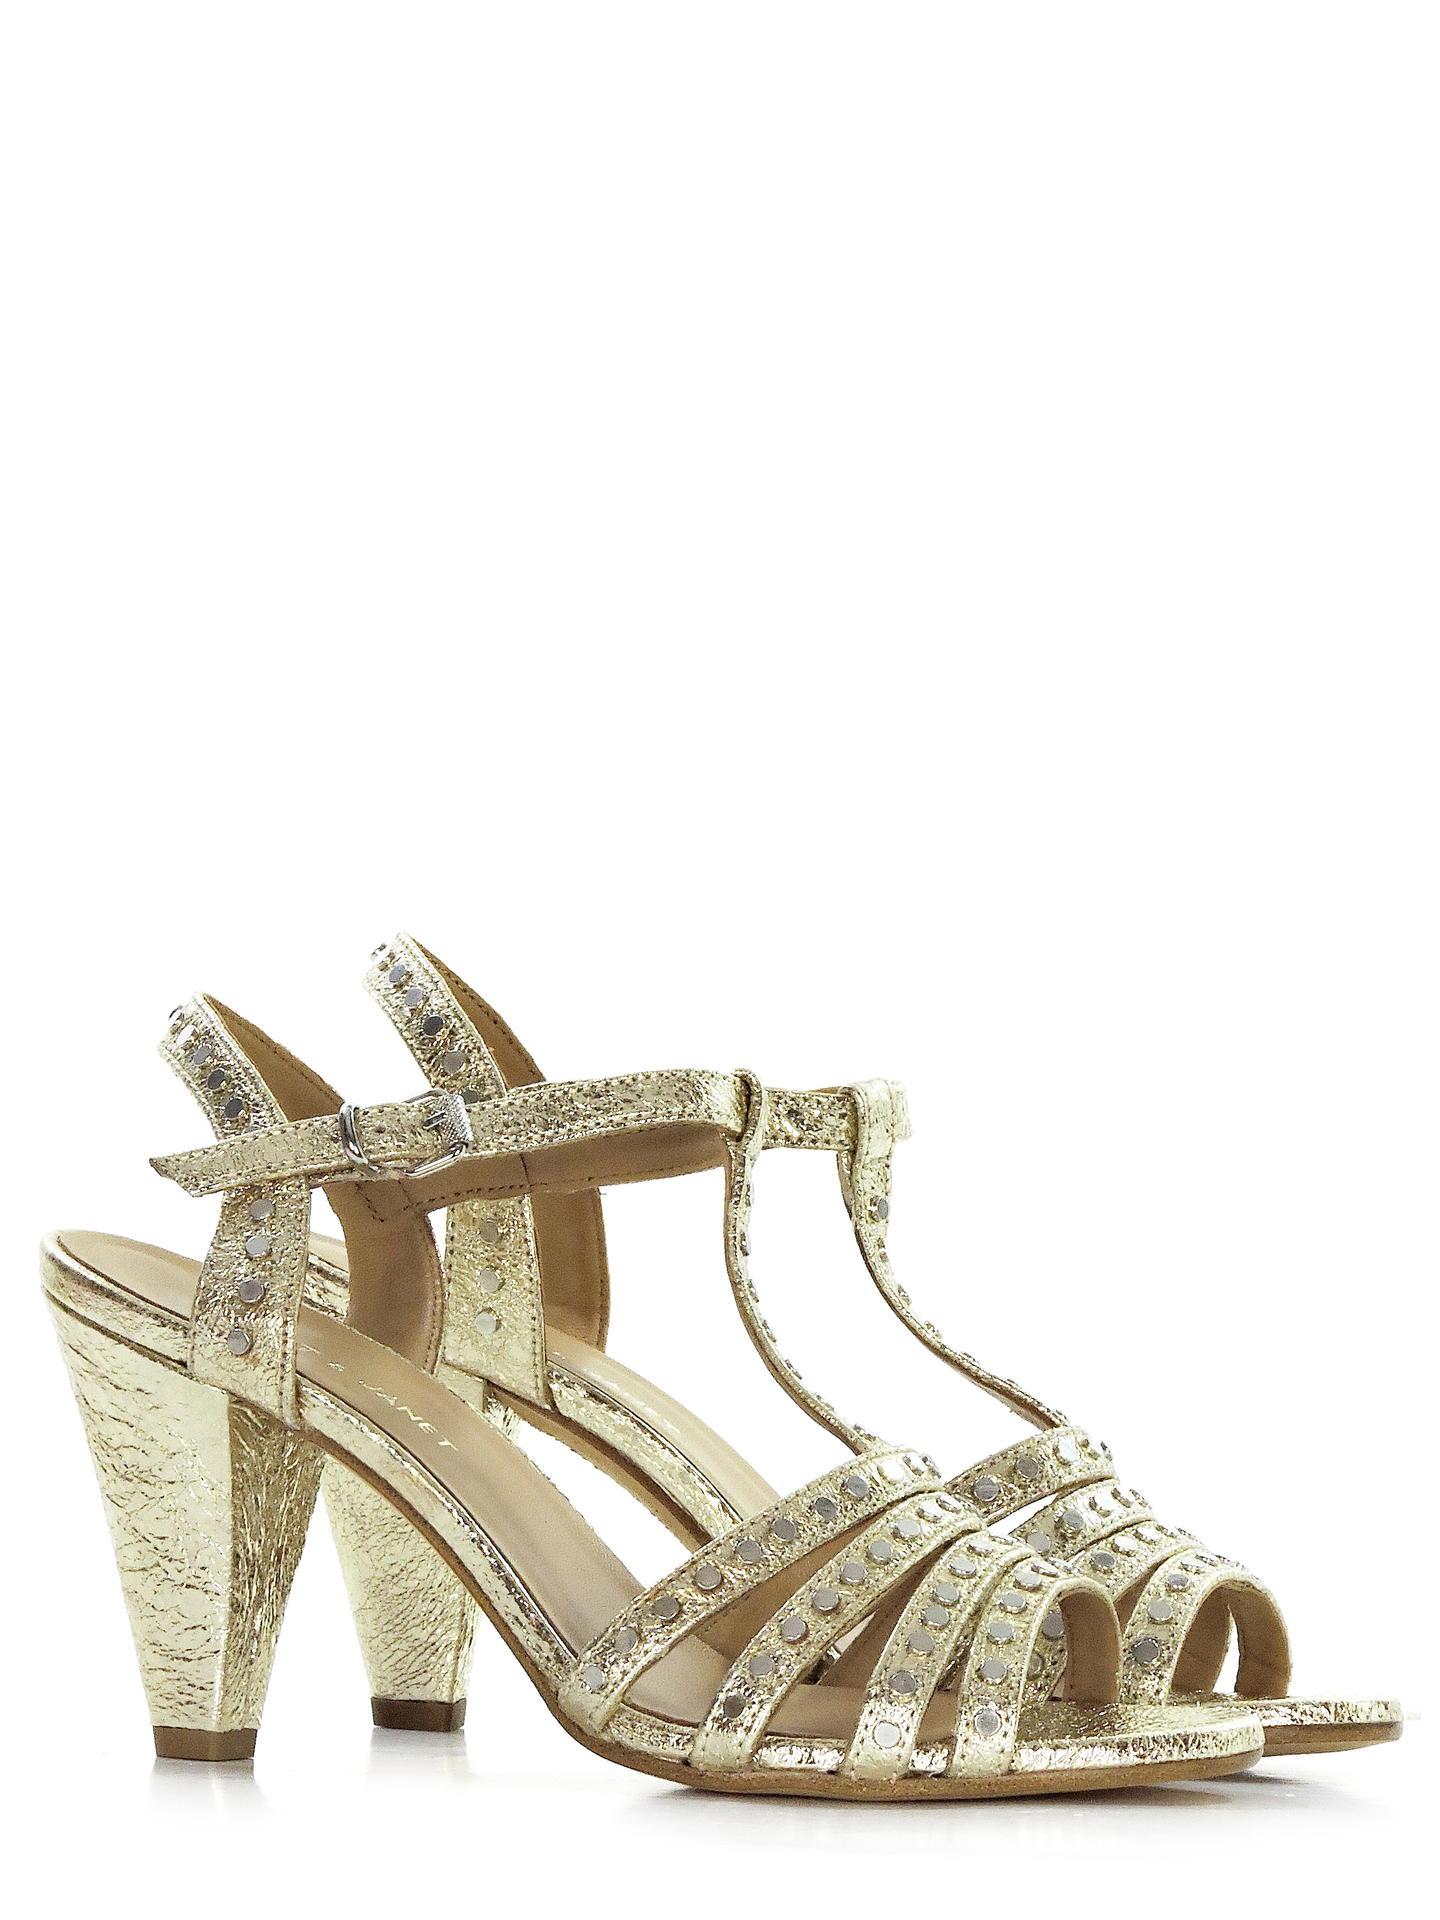 Fashion Sandali Scarpe da Donna Sandali Sandali 3576 multicolore su base beige 37